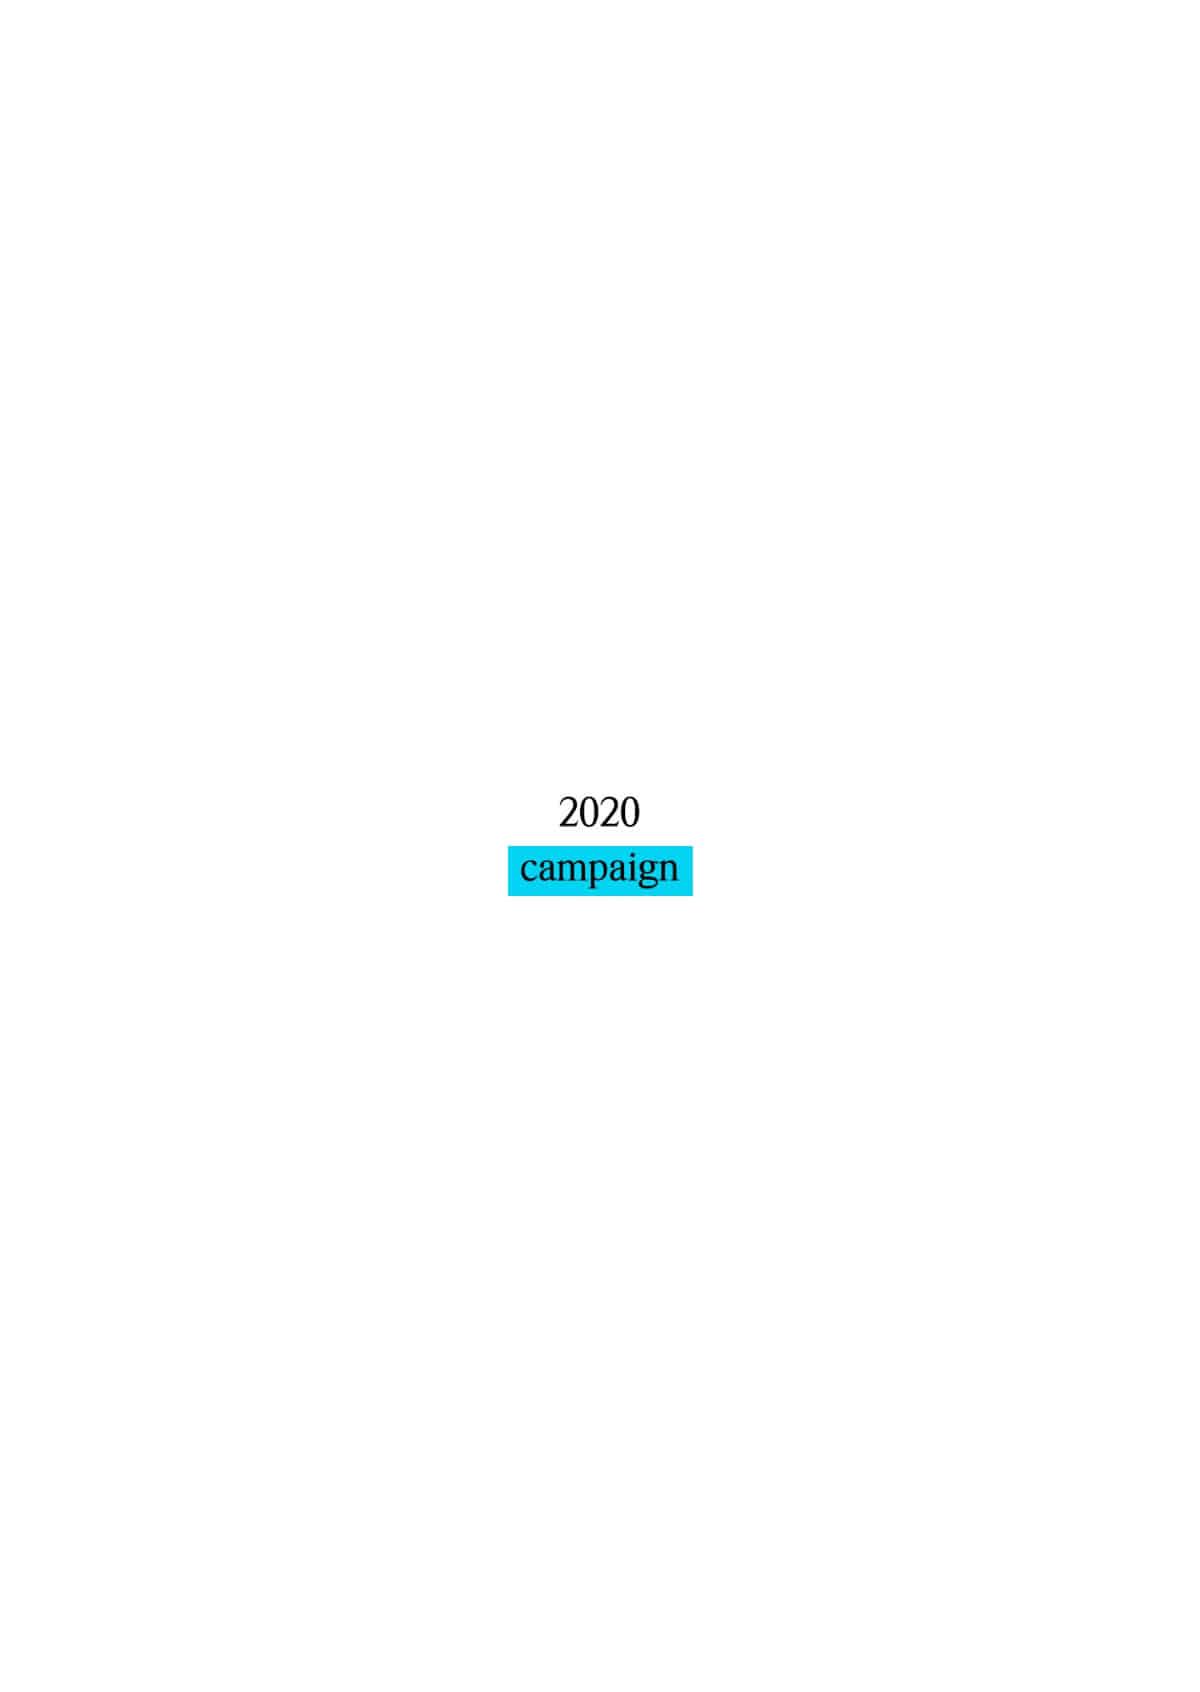 2020campaign